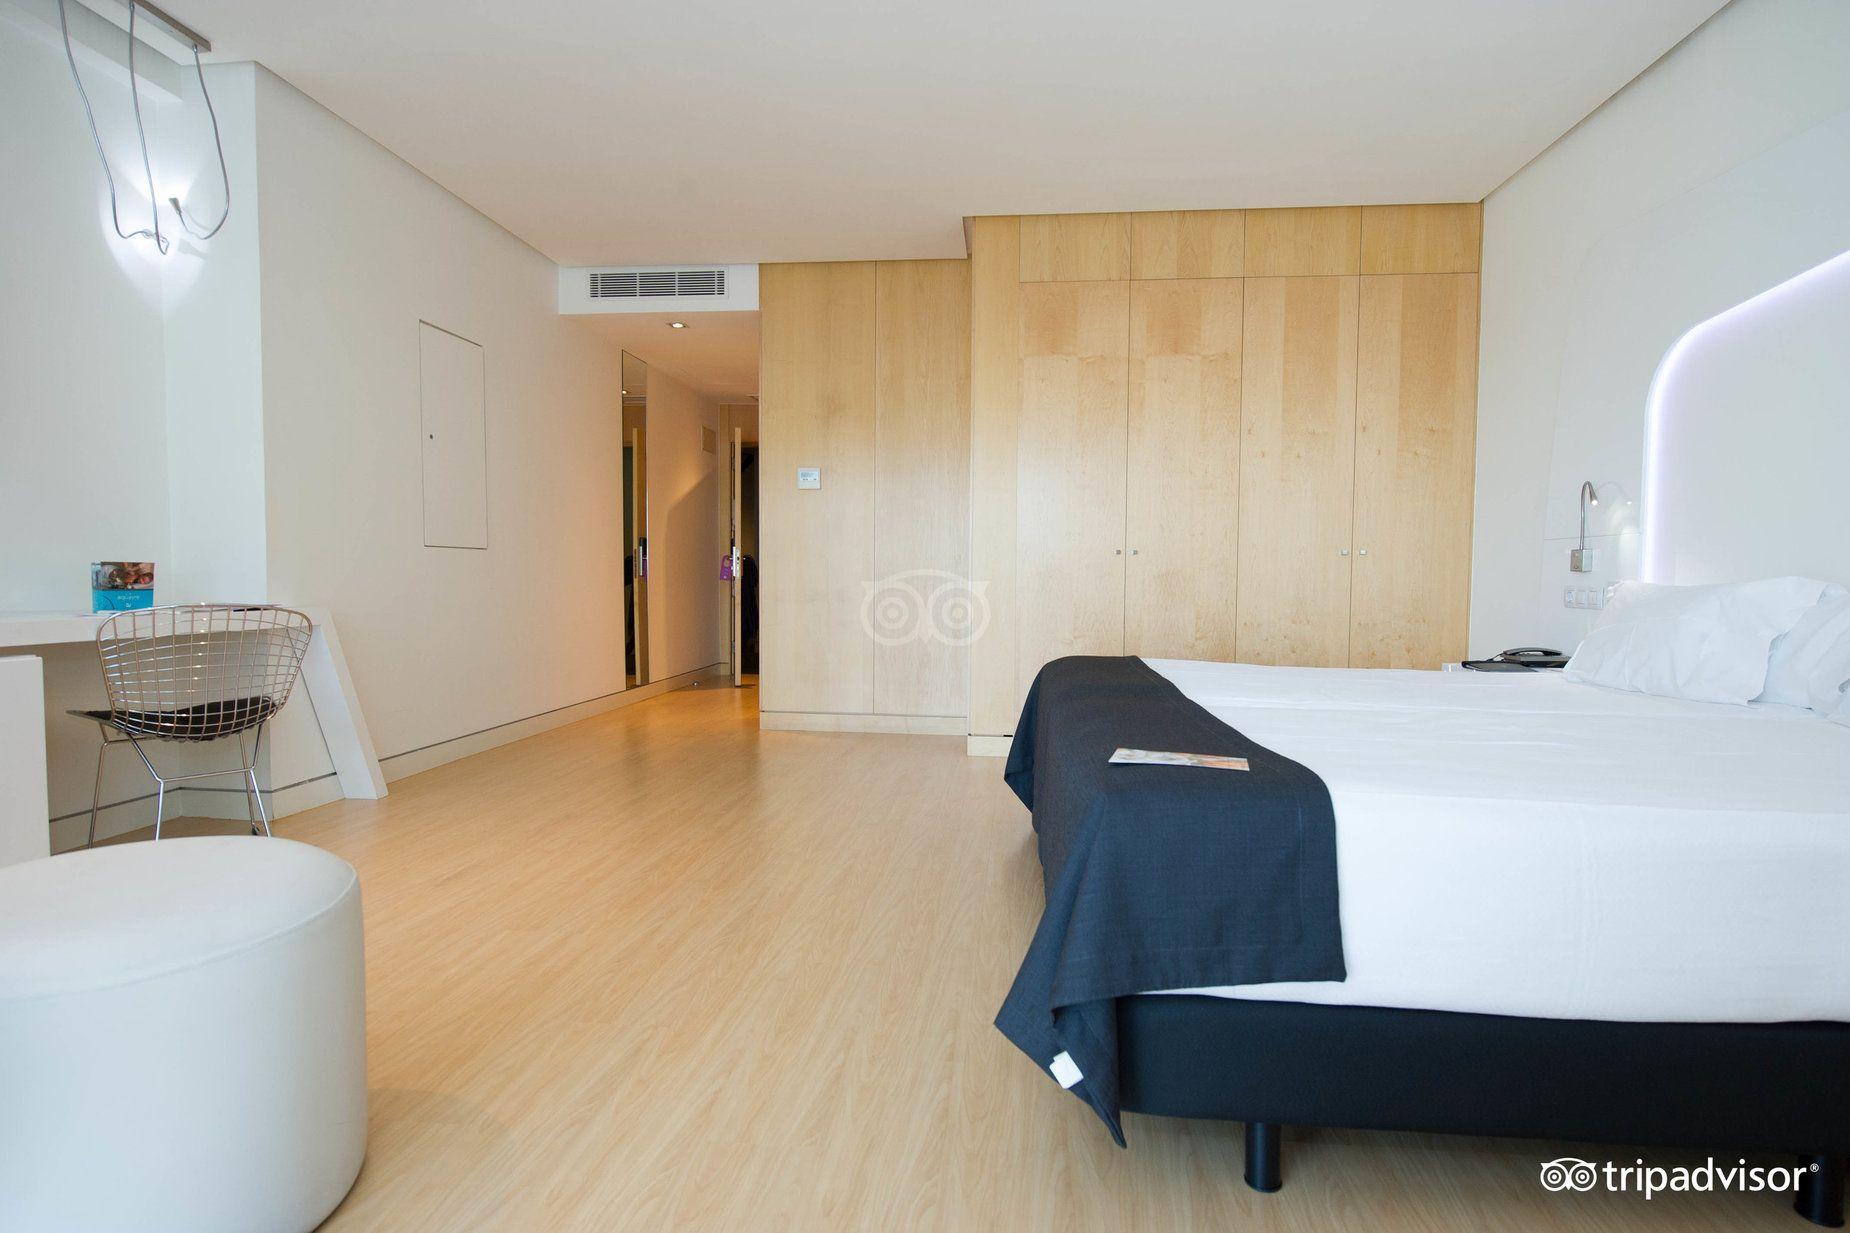 Hotel Ayre Oviedo vista habitación adaptada